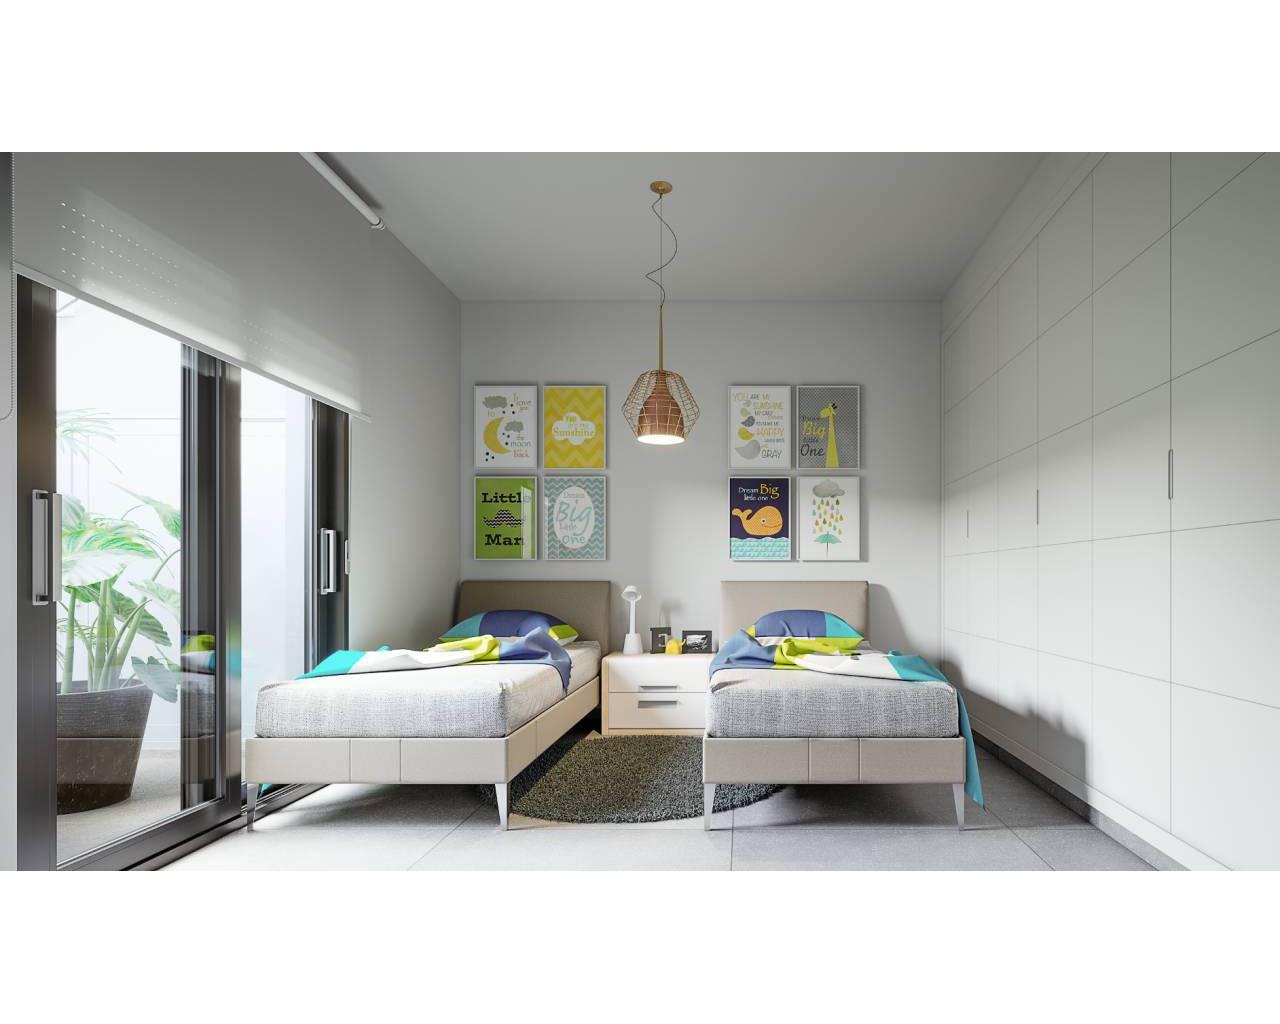 nieuwbouw-half-vrijstaande-villa-los-alcazares-roda-golf_4579_xl